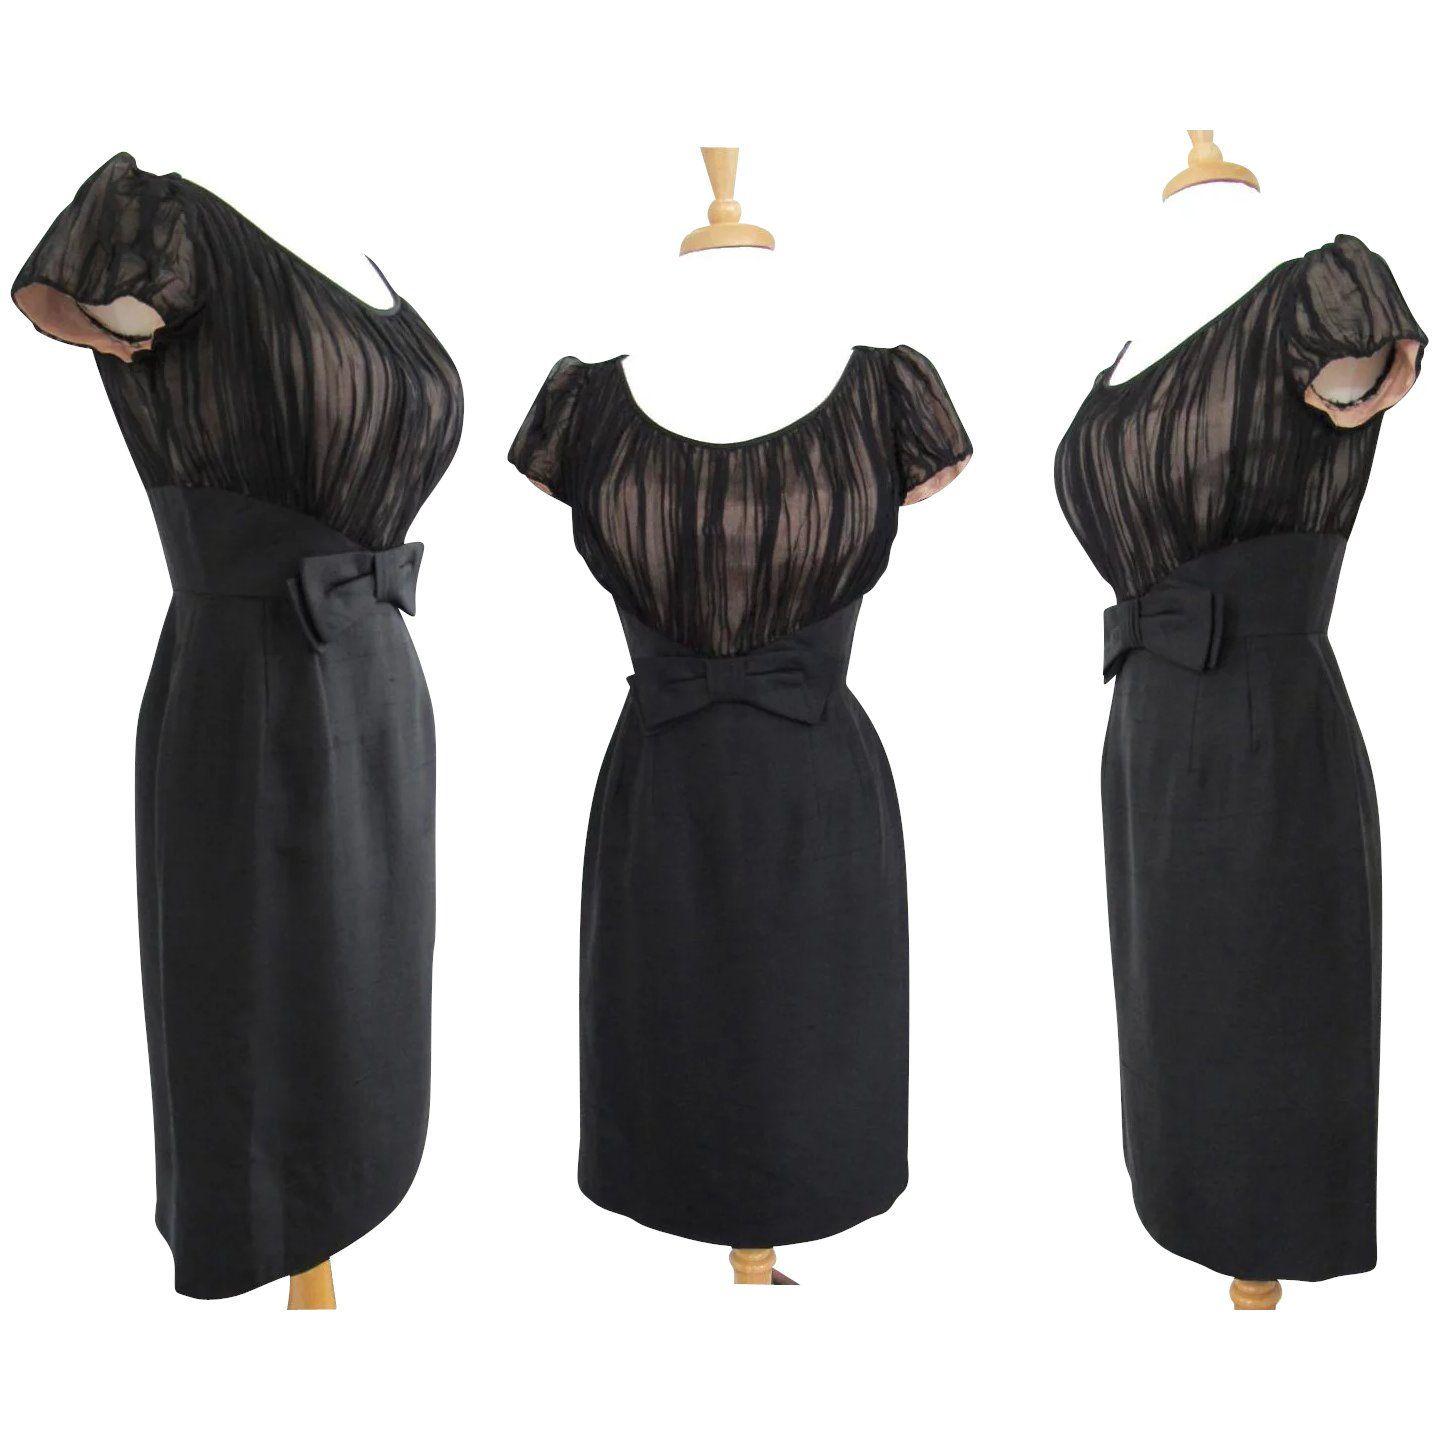 Vintage 1950s Dress Montego Original Black 50s Dress Etsy Vintage 1950s Dresses Black 50s Dress Dresses